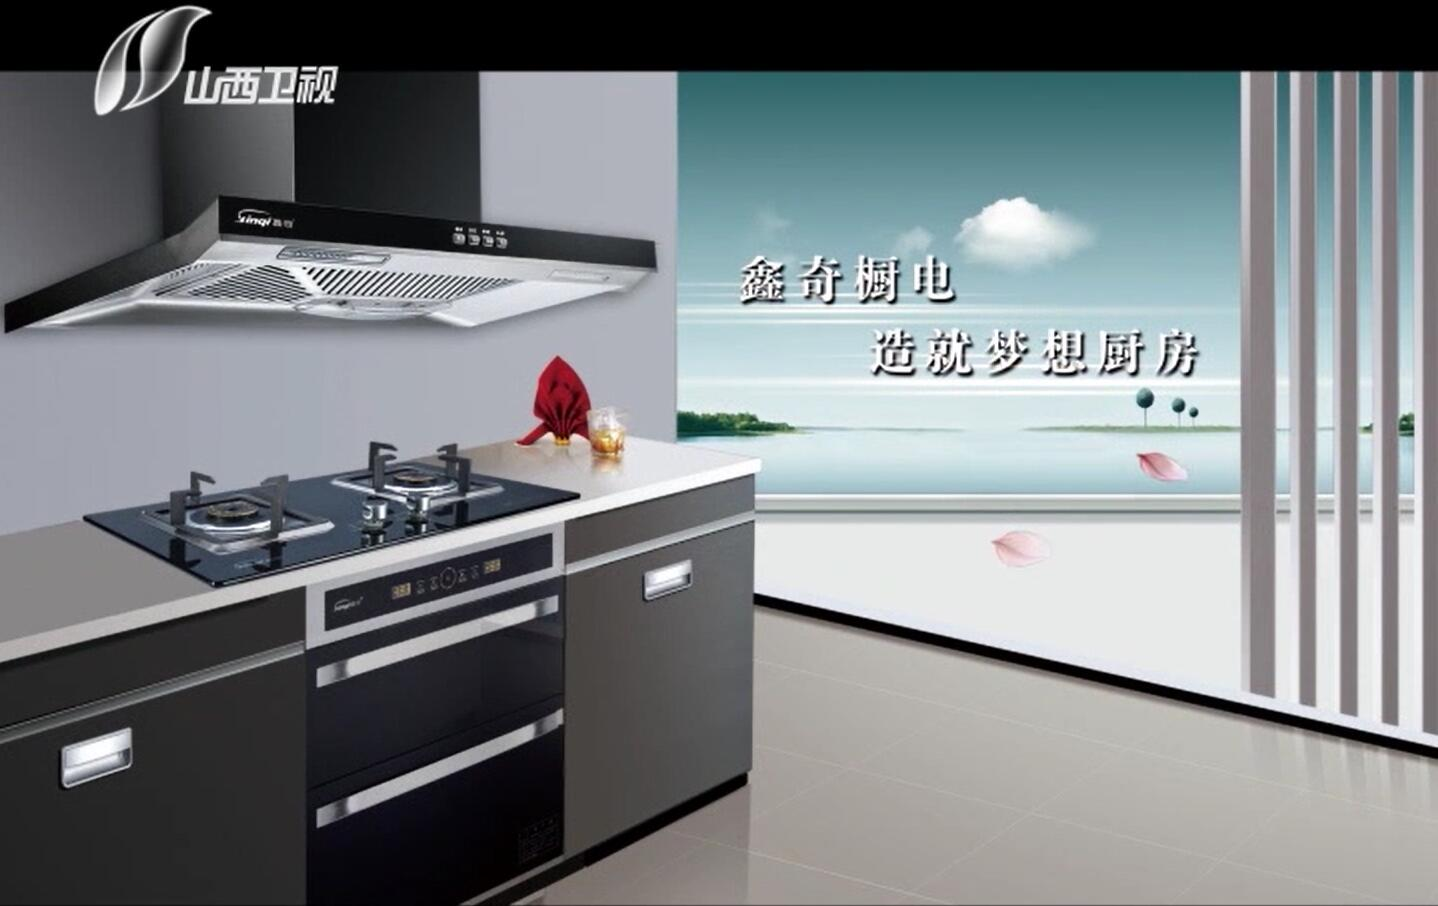 山西卫视《鑫奇广告》